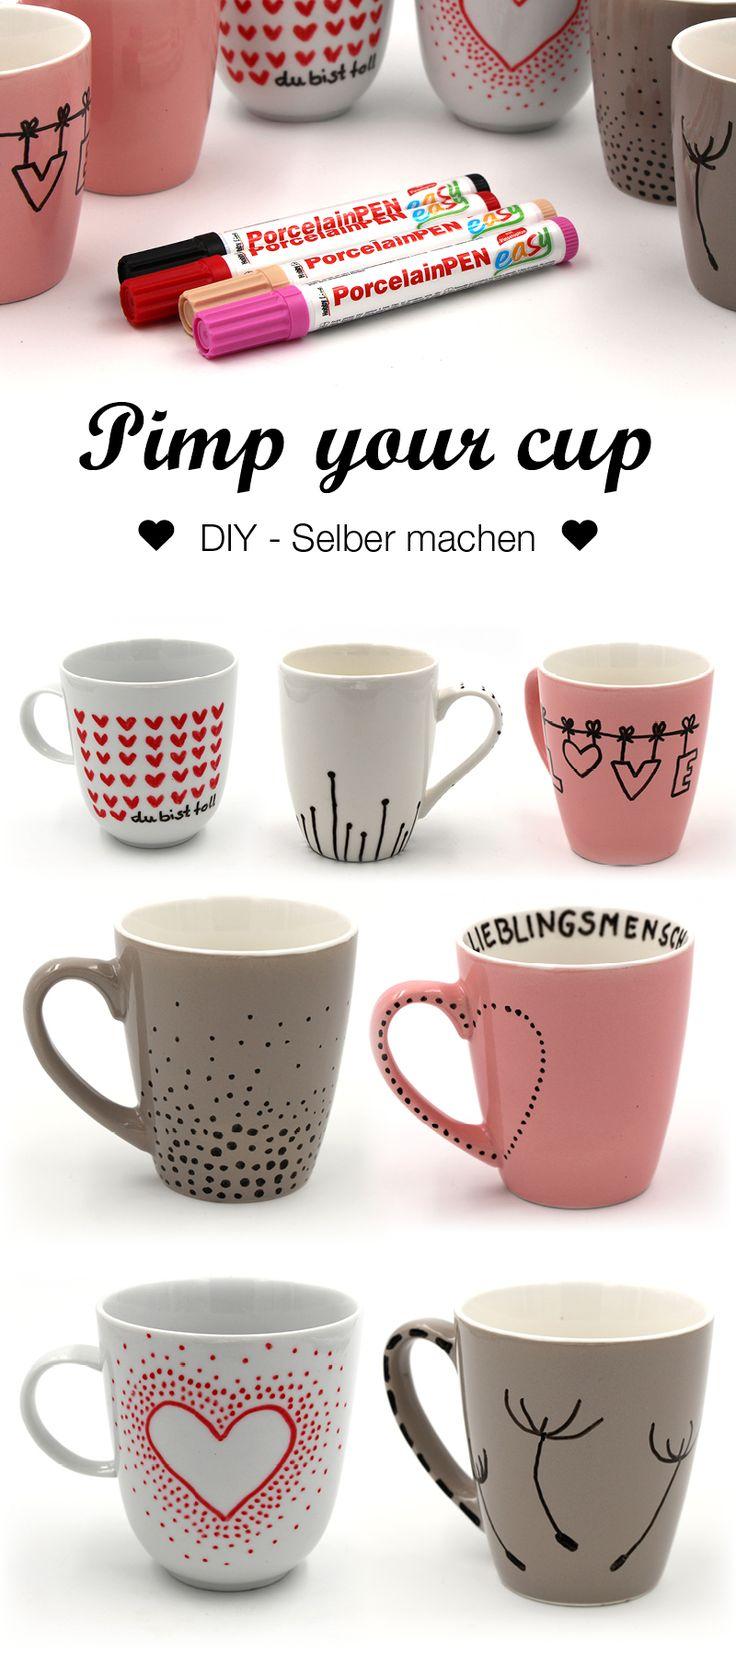 Eine schöne Möglichkeit, sich kreativ auszutoben sind selbst bemalte Porzellantassen. Außerdem eignen sie sich auch gut als Geschenk Idee für die oder den Liebste(n), zum Geburtstag oder zum Valentinstag. Dafür müsst Ihr kein Zeichen-Talent sein, denn auch mit... #bemaltetassen #diy #diyblog